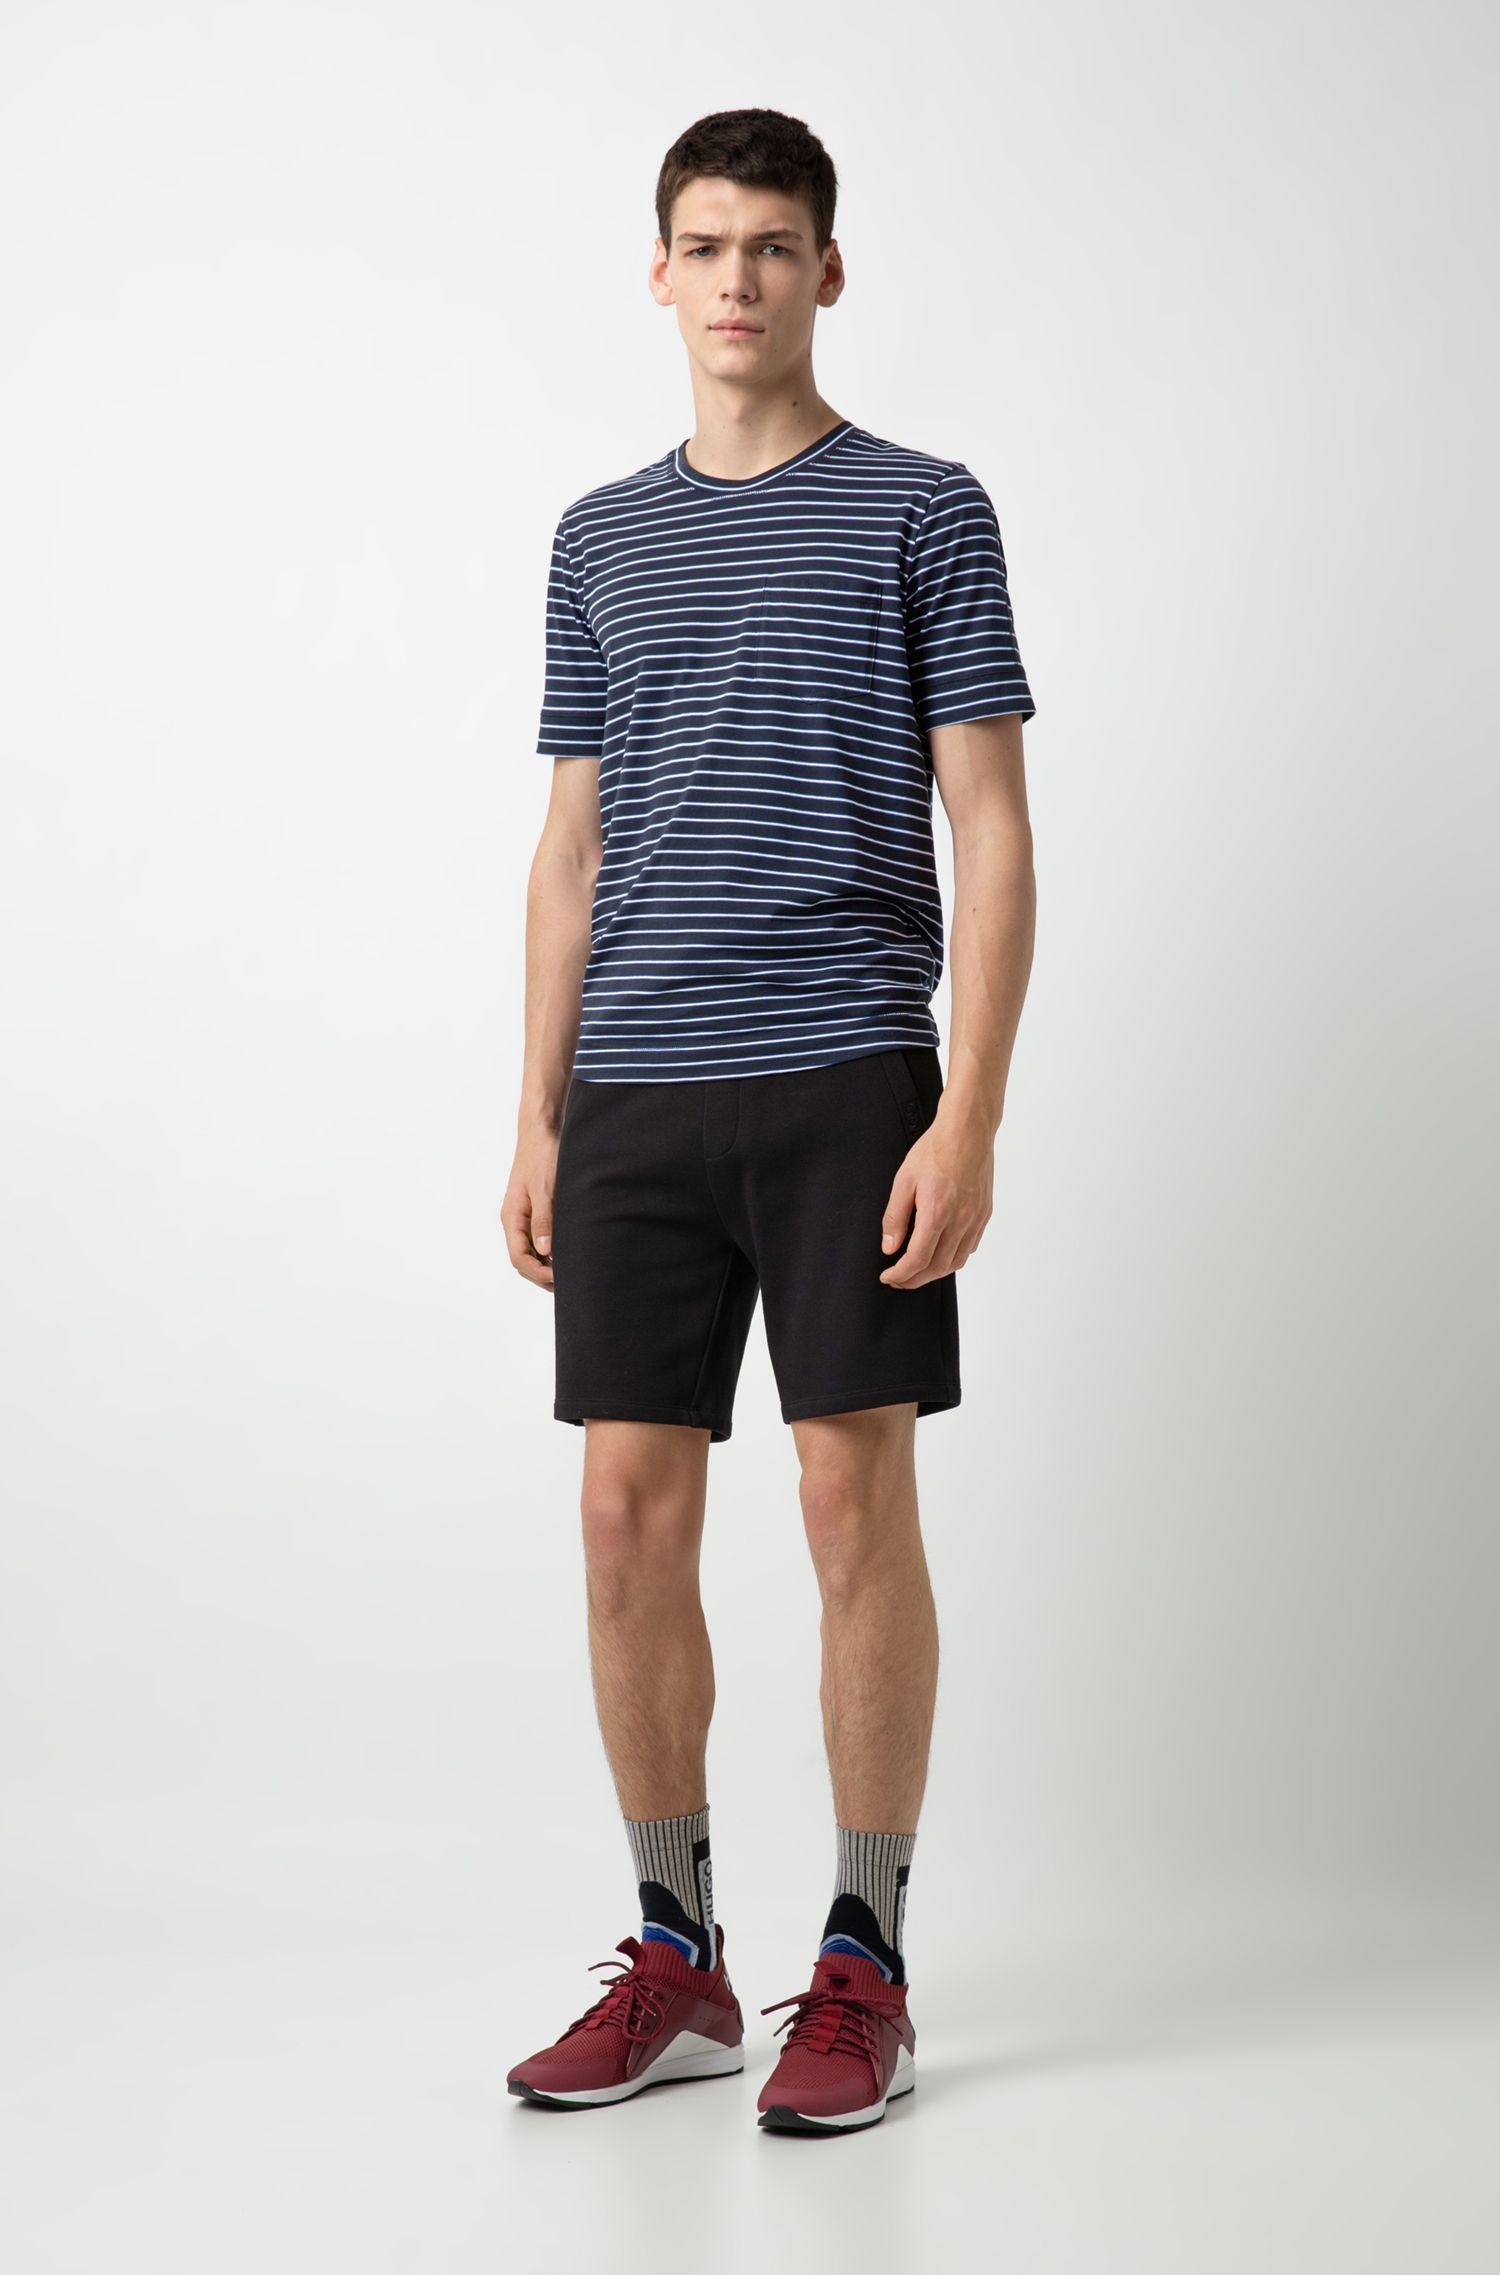 Sneakers stile runner con suola Vibram e calza interna in maglia, Rosso scuro